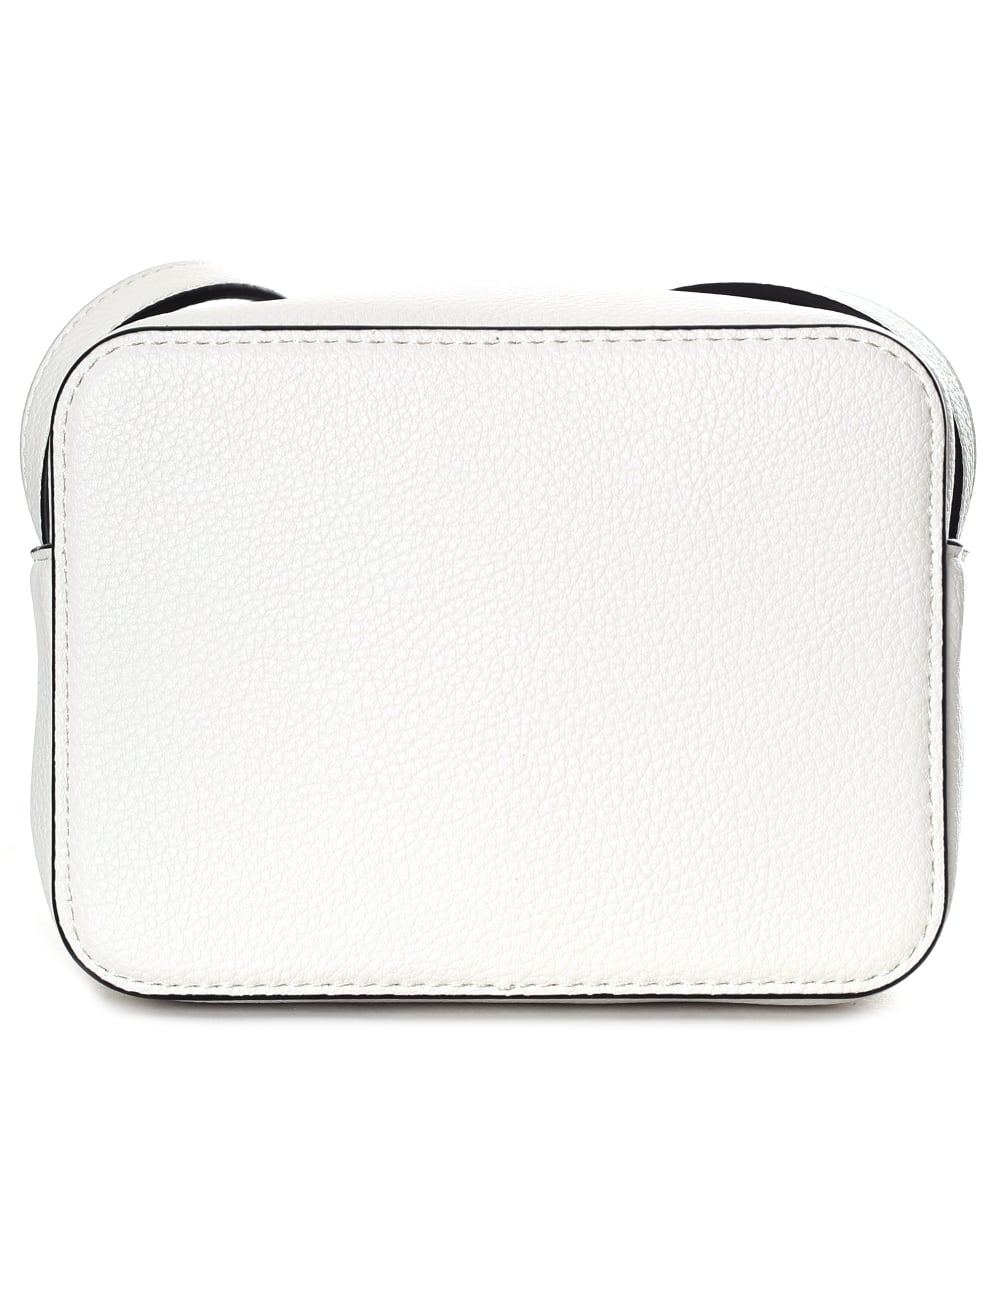 e5681034656d Calvin Klein Women s Embossed Small Crossbody Bag